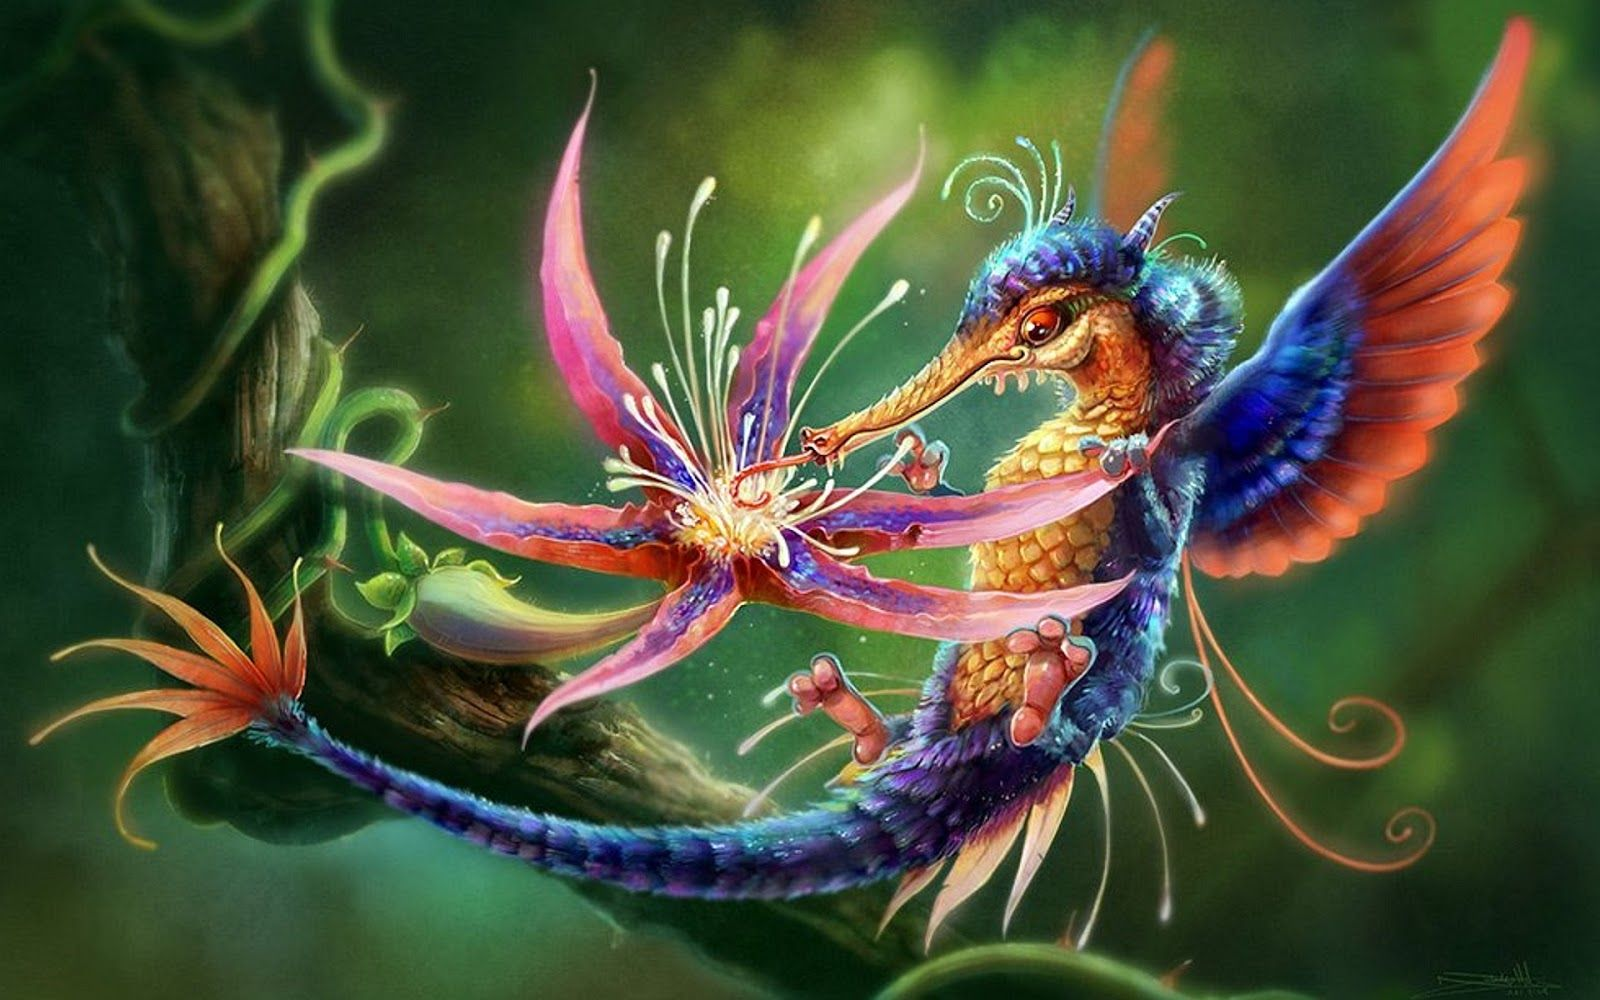 Fanticy Full Colours Fantasy Wallpaper Bird Full Colours Fantasy Wallpaper Animal Wallpaper Animals Beautiful Beautiful Wallpapers Backgrounds